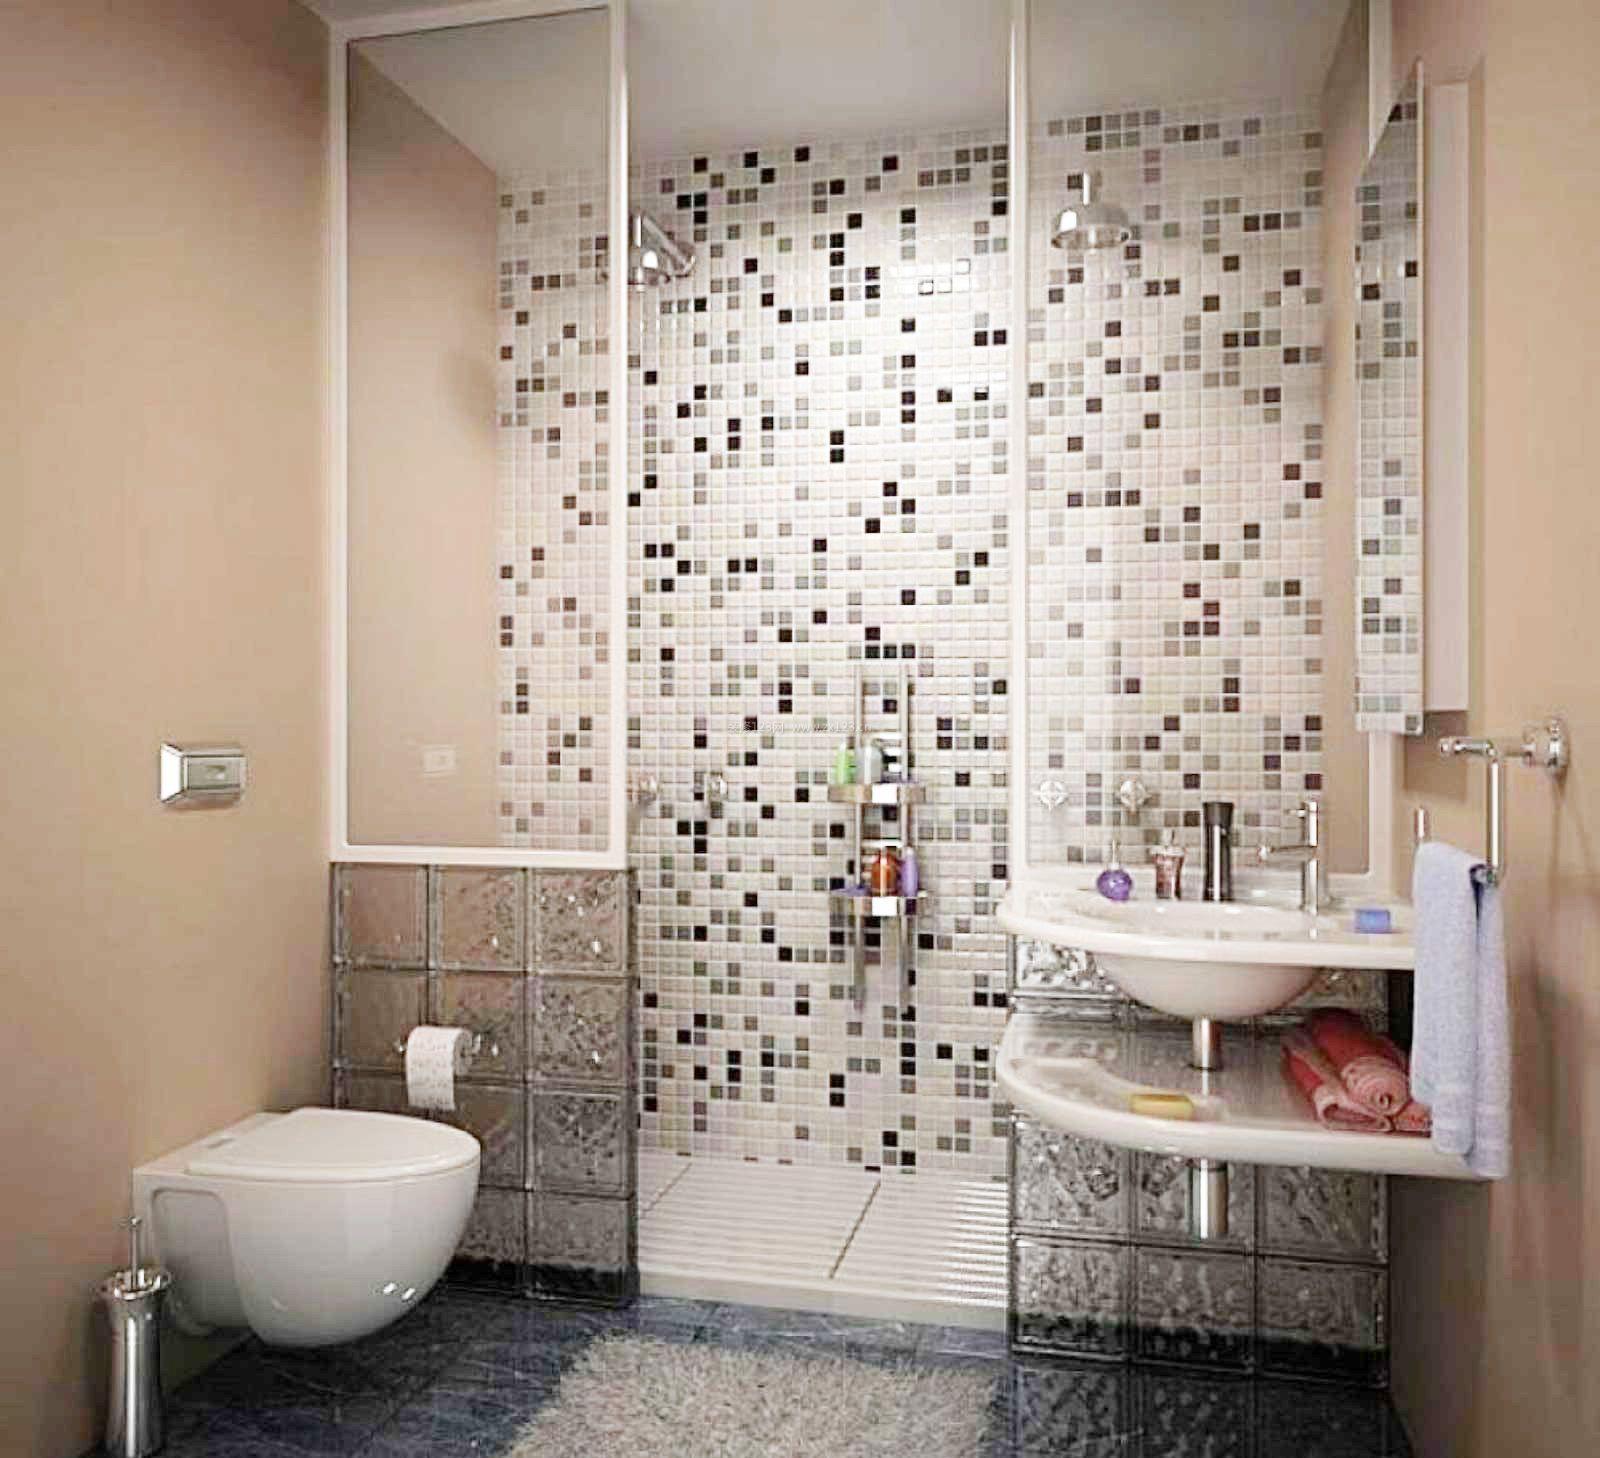 小面积卫生间墙面马赛克背景墙效果图图片欣赏